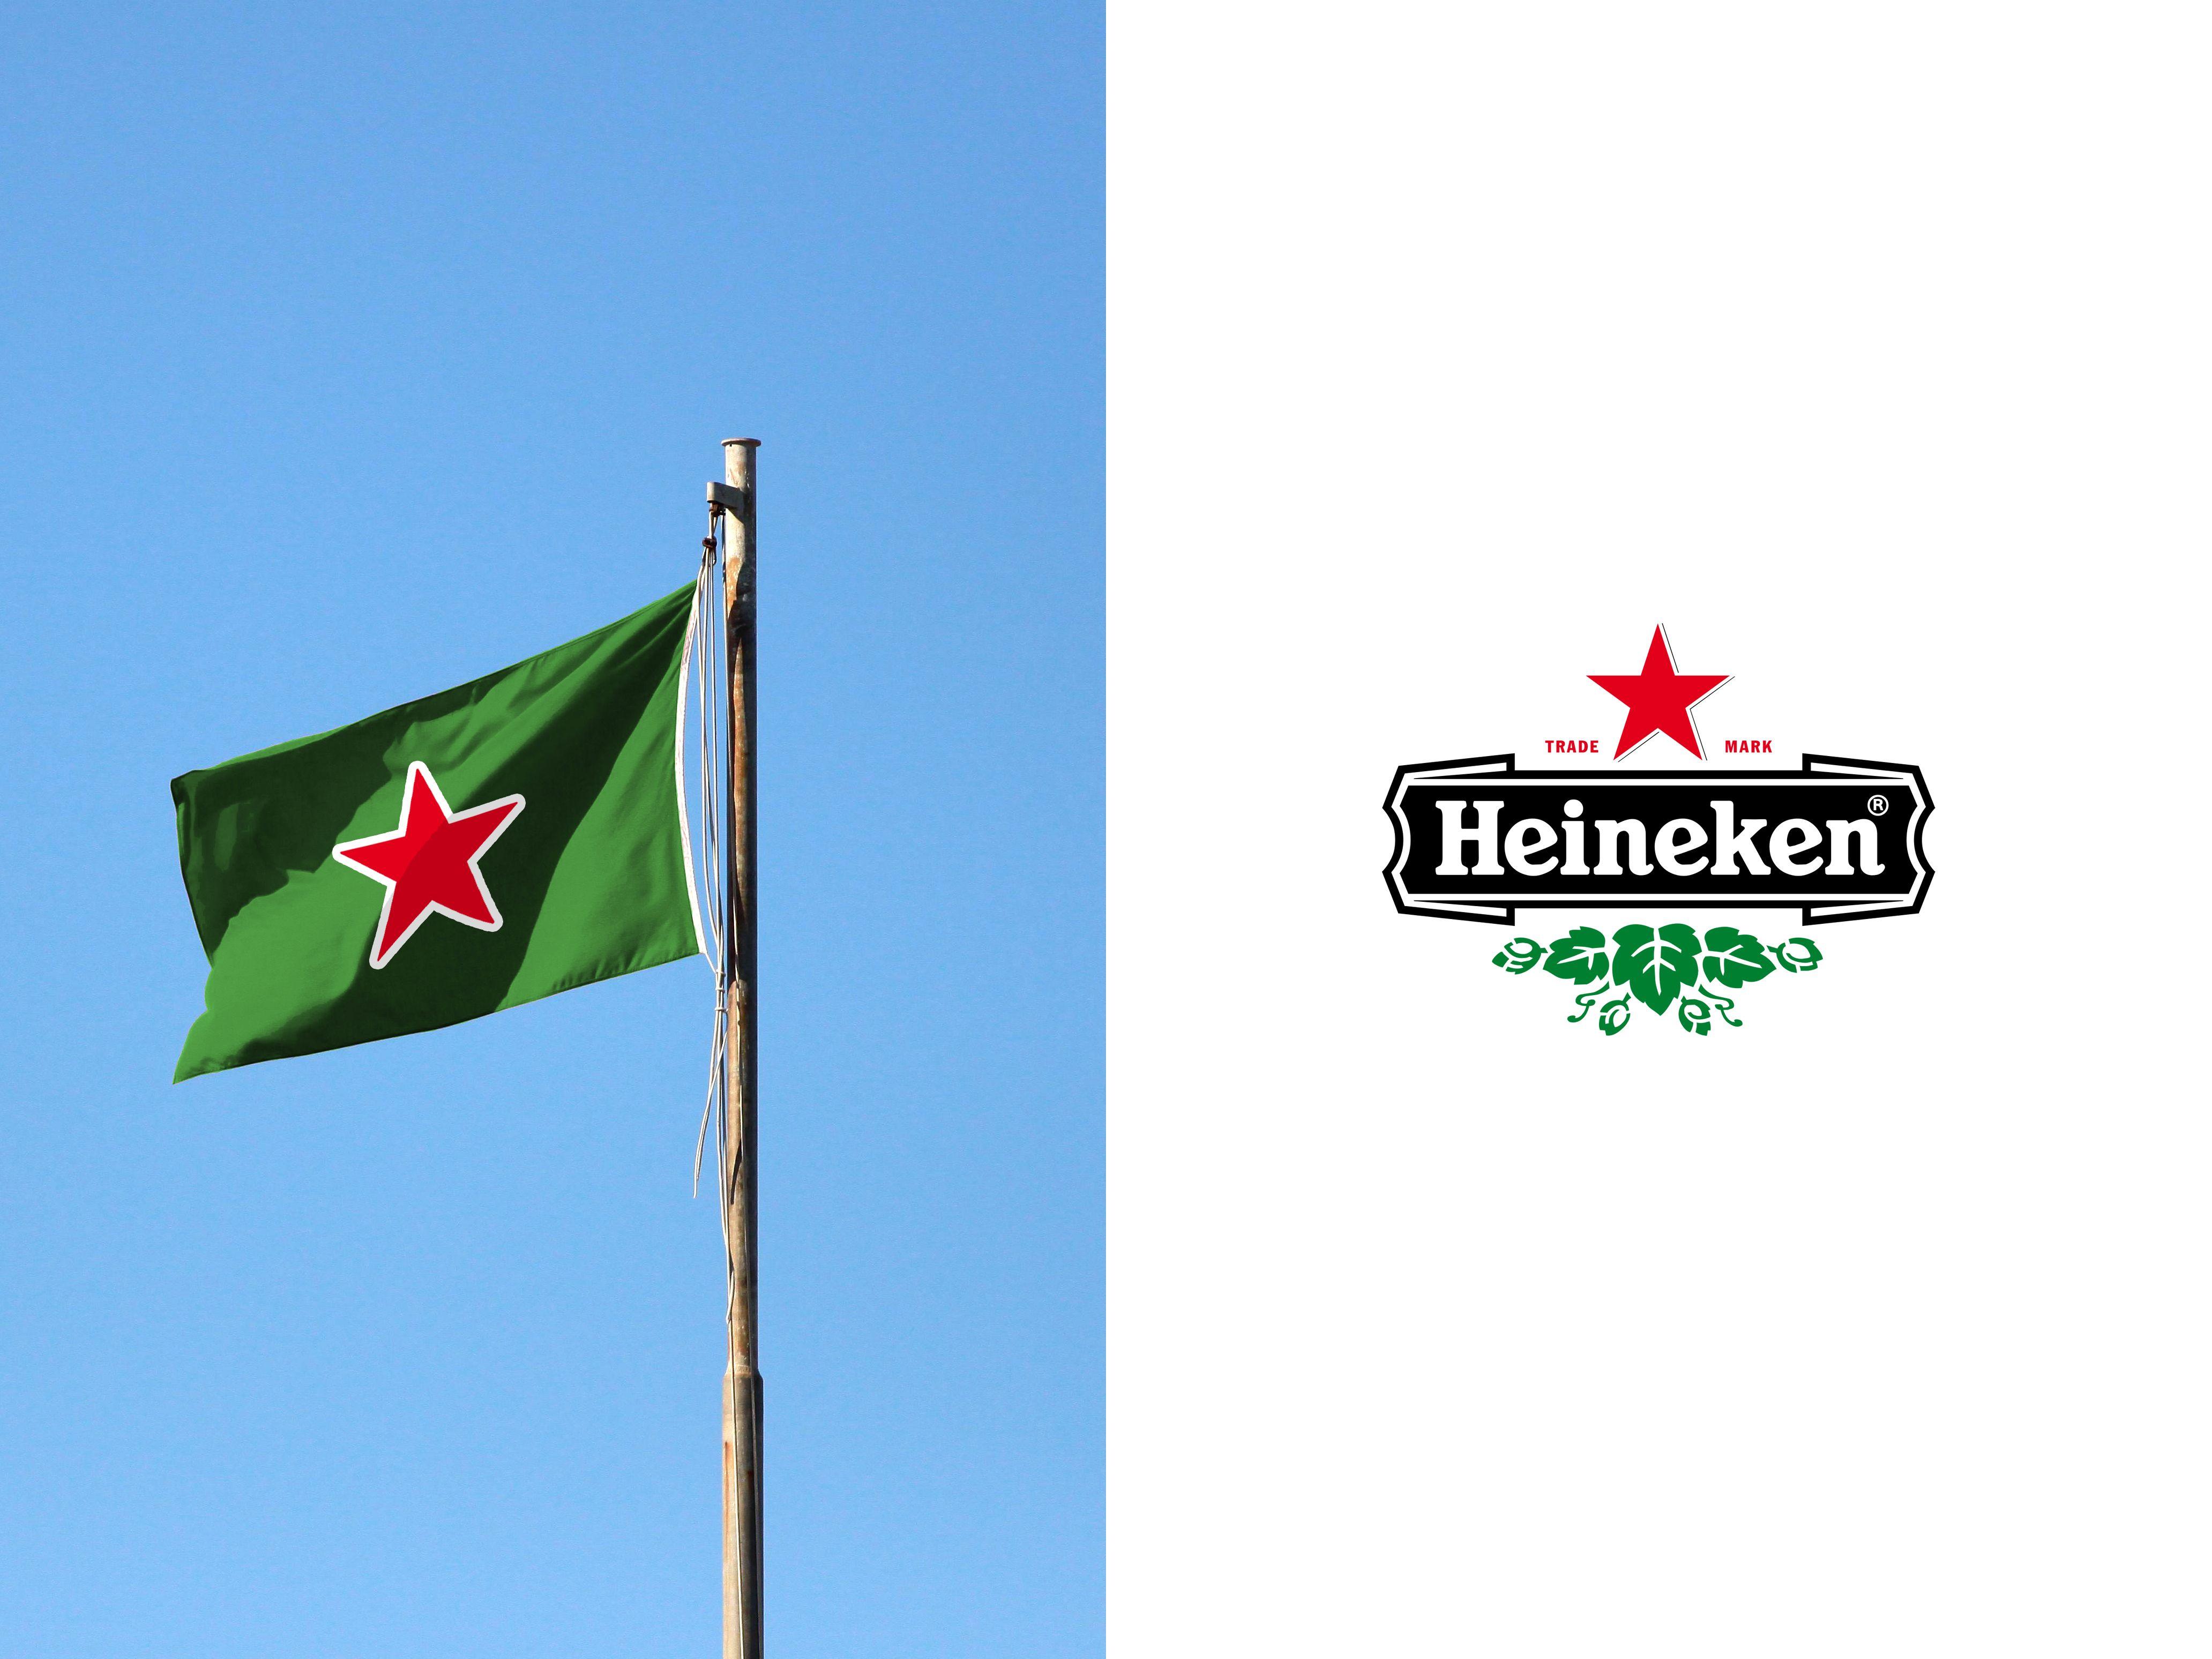 ... e se i brand fossero nazioni, che tipo di bandiera avrebbero?